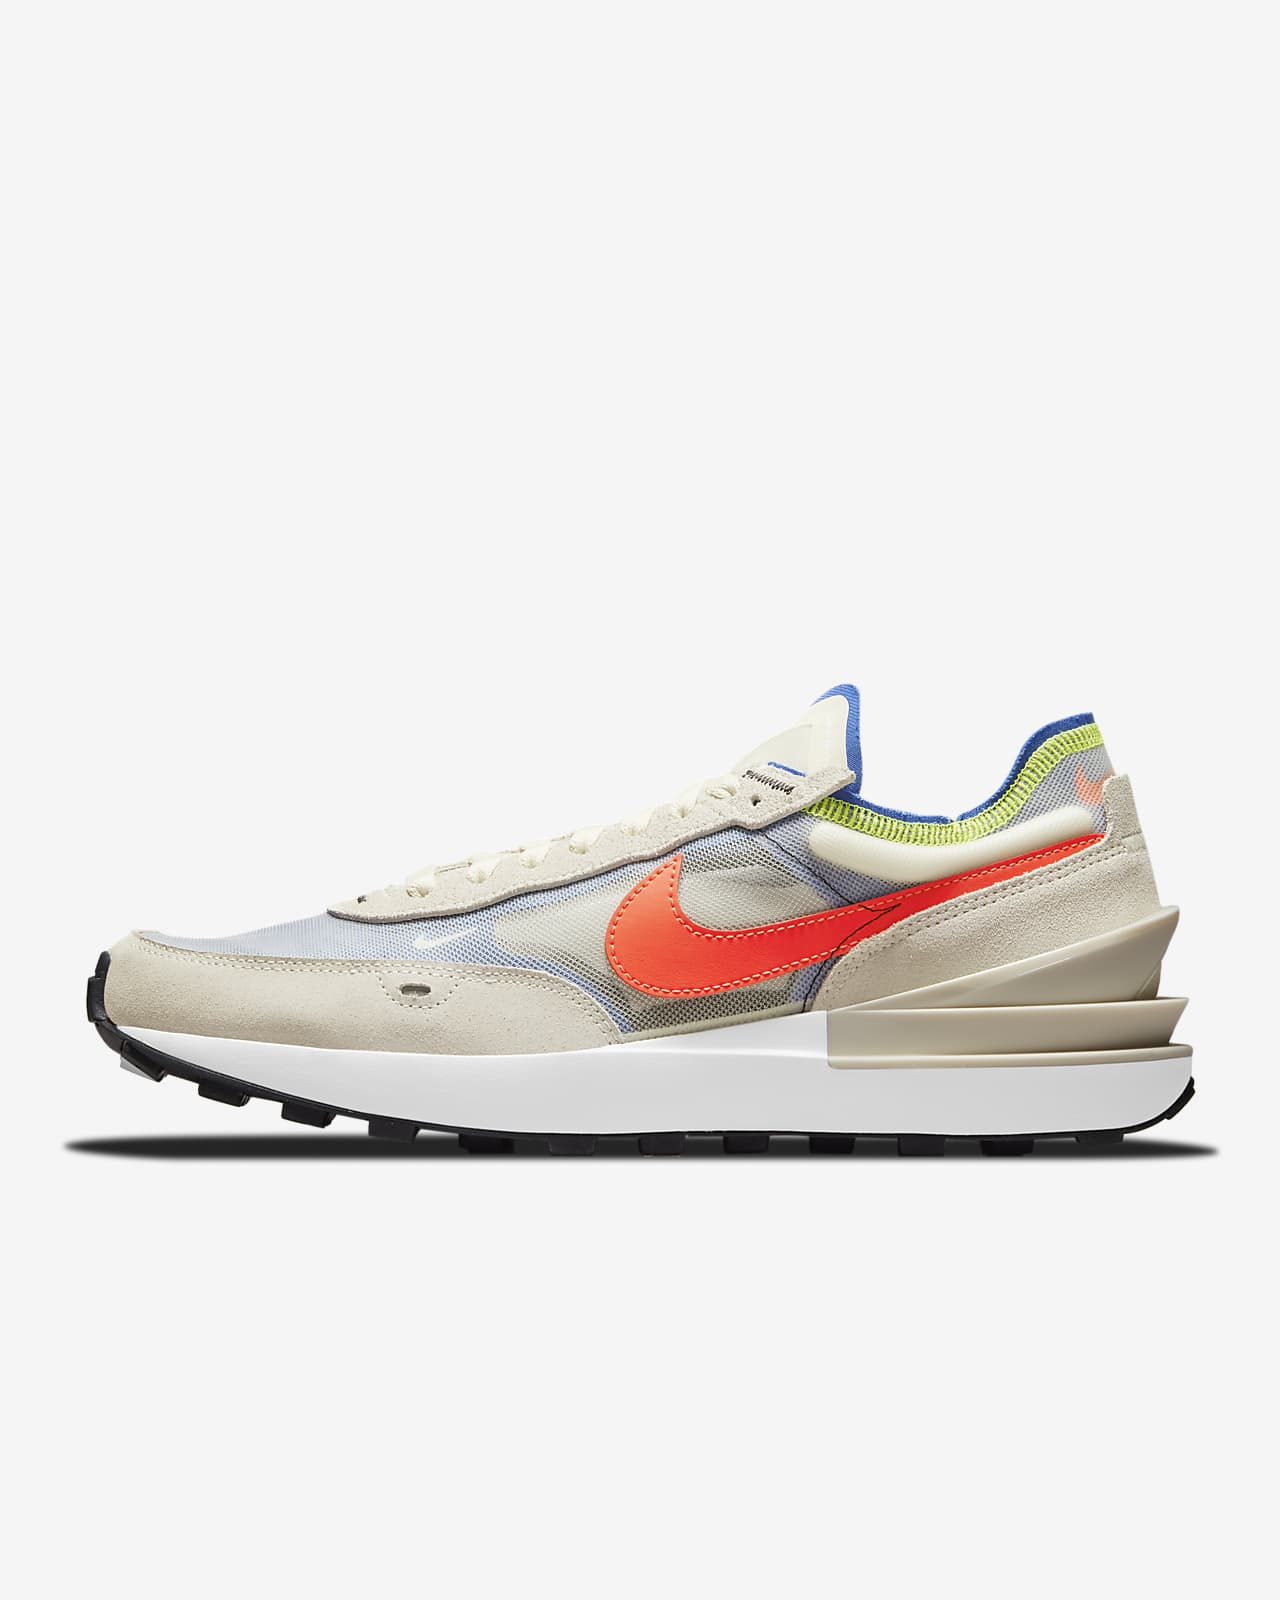 รองเท้าผู้ชาย Nike Waffle One